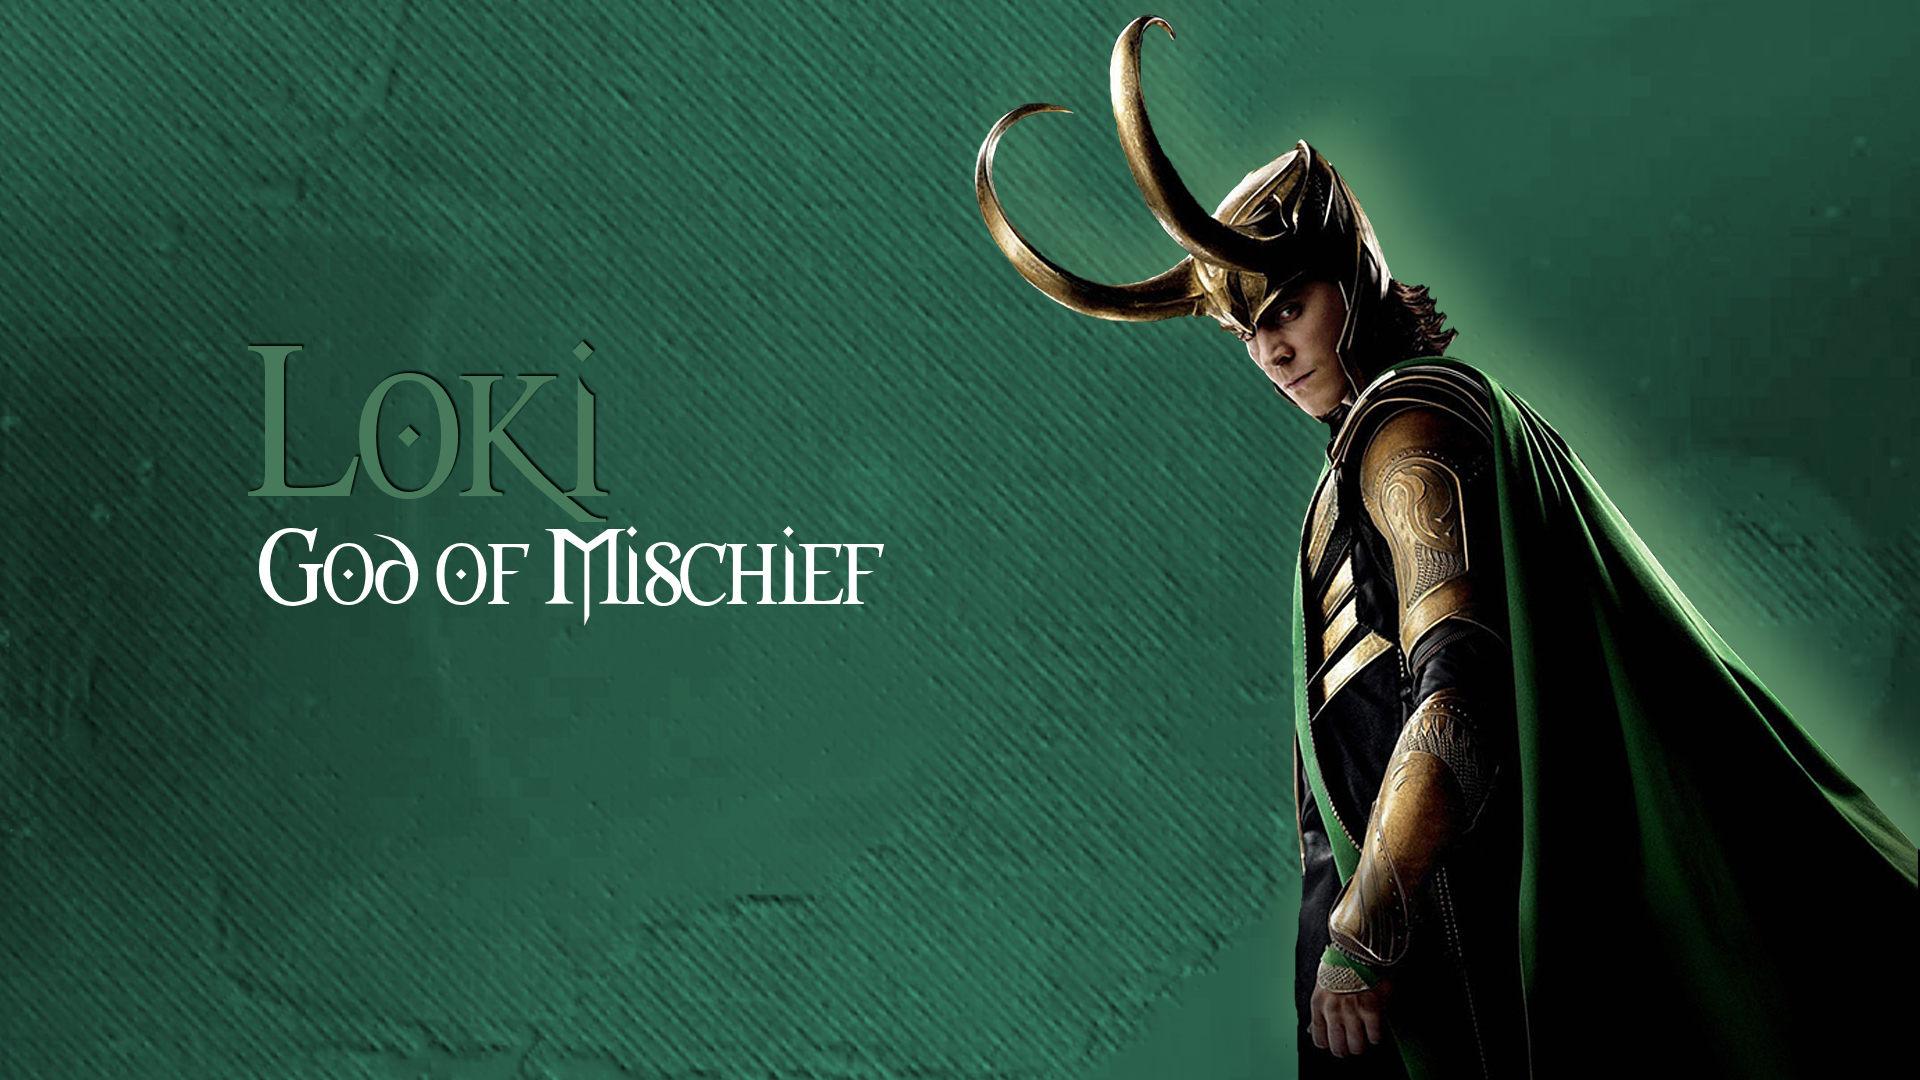 12-01 Loki - God of Mischief MCU by Tarlan